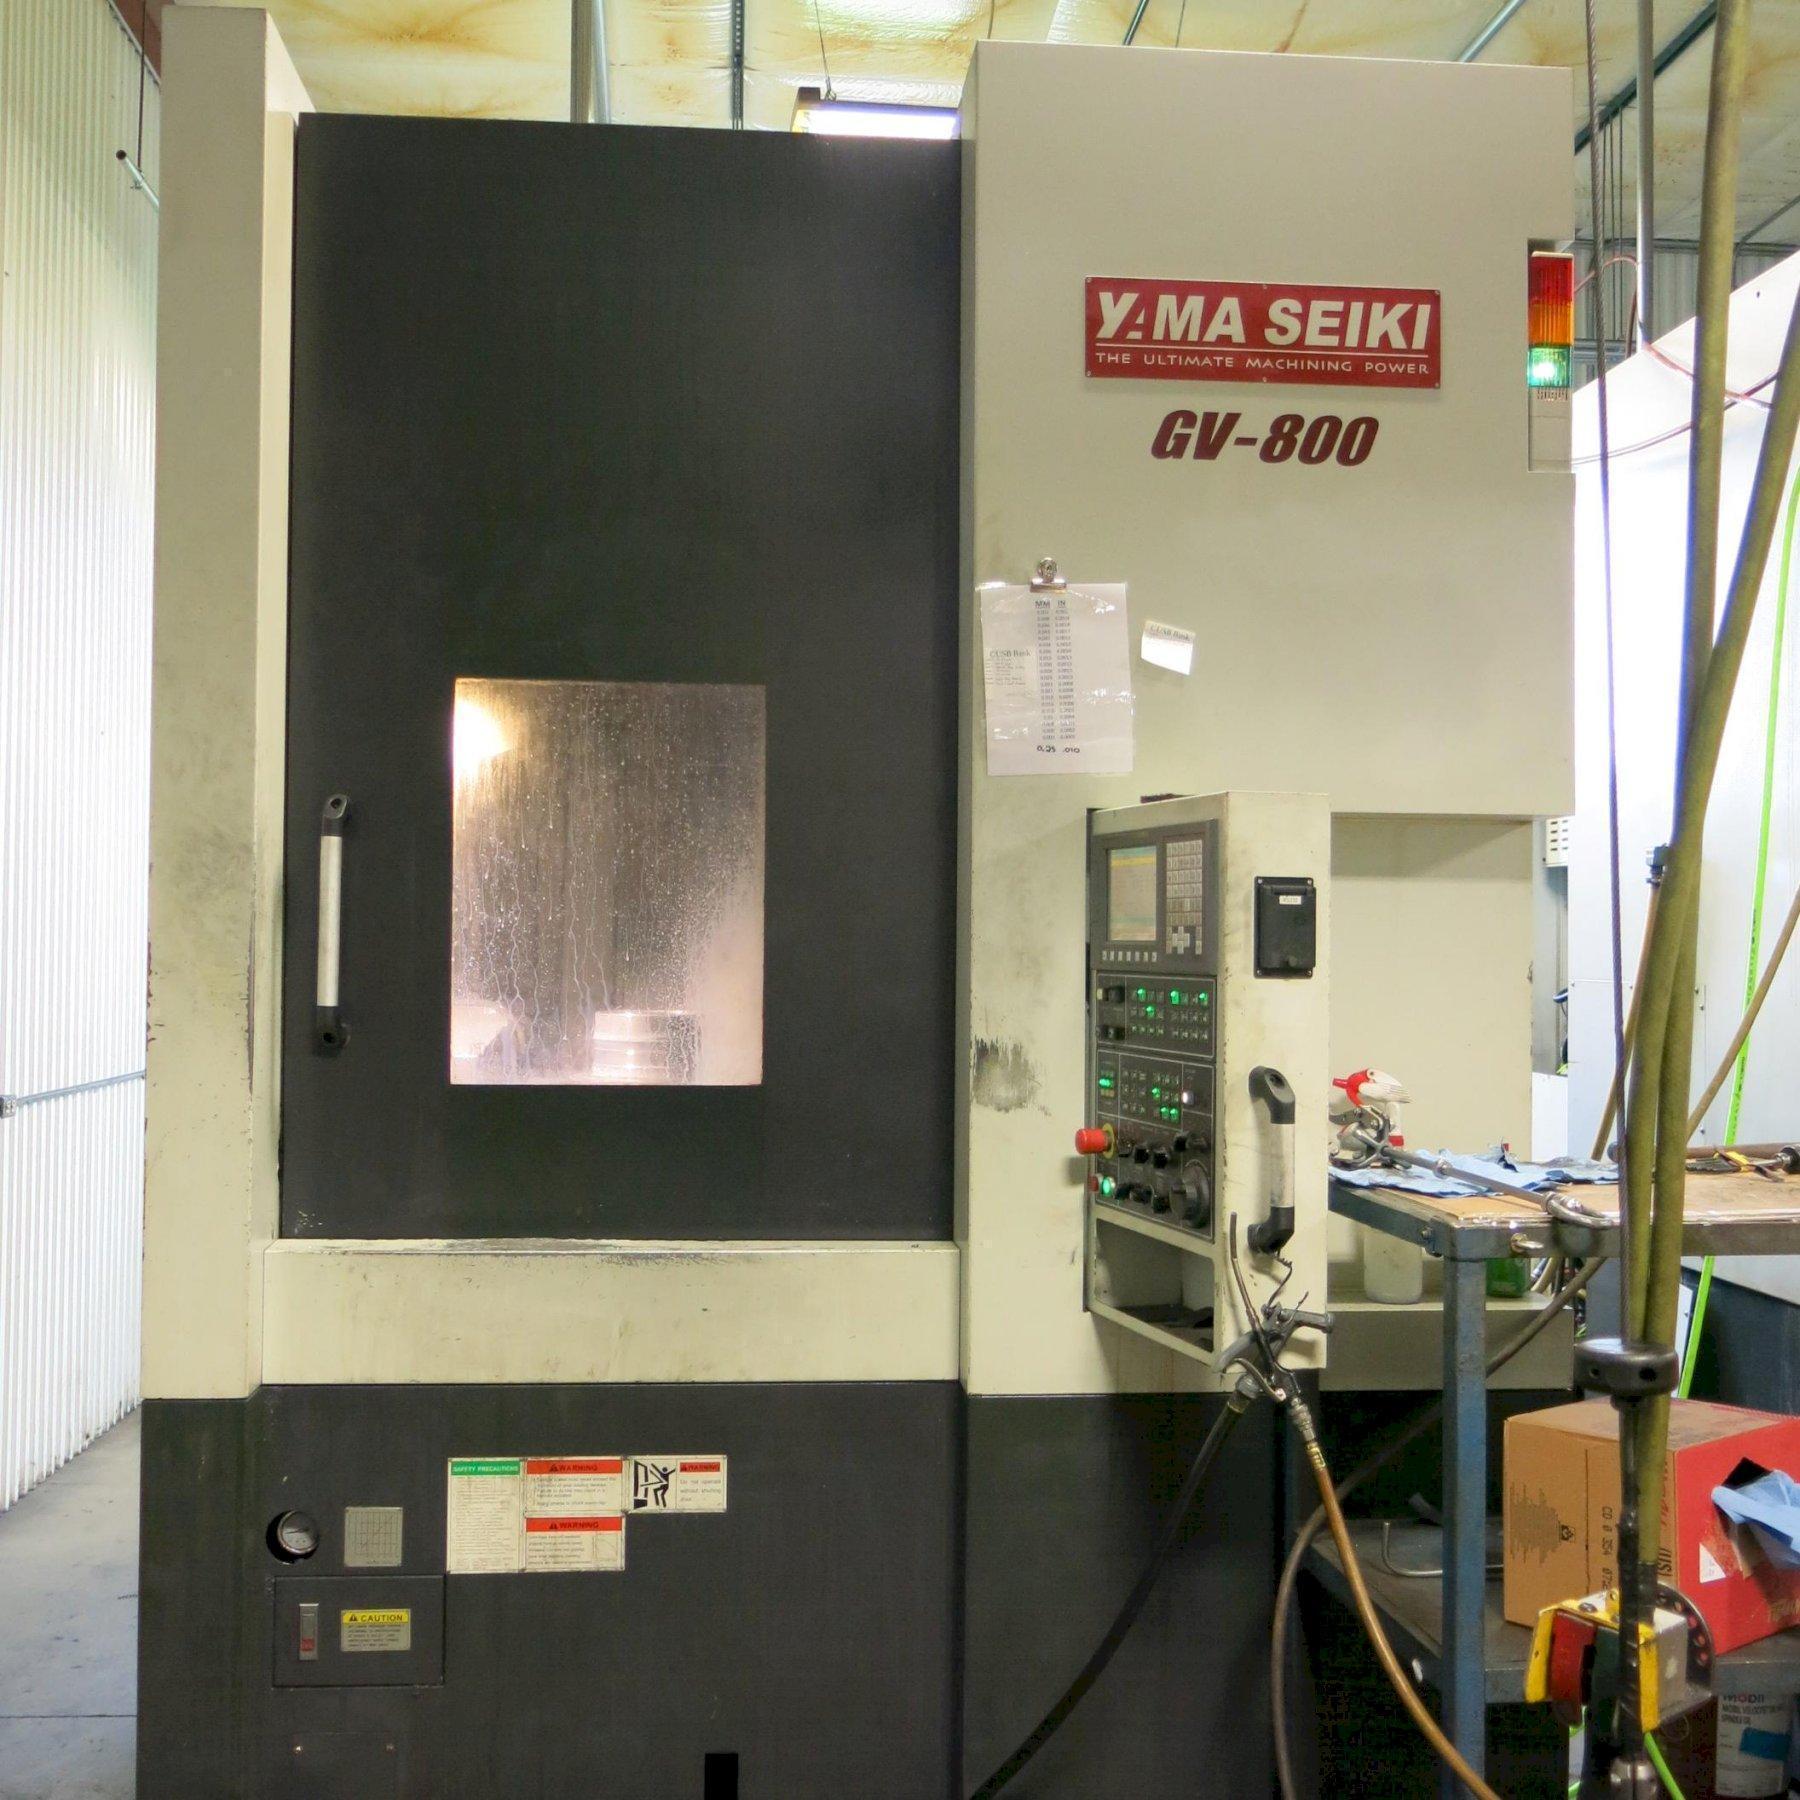 Yama Seiki GV-800 CNC Vertical Turning Center